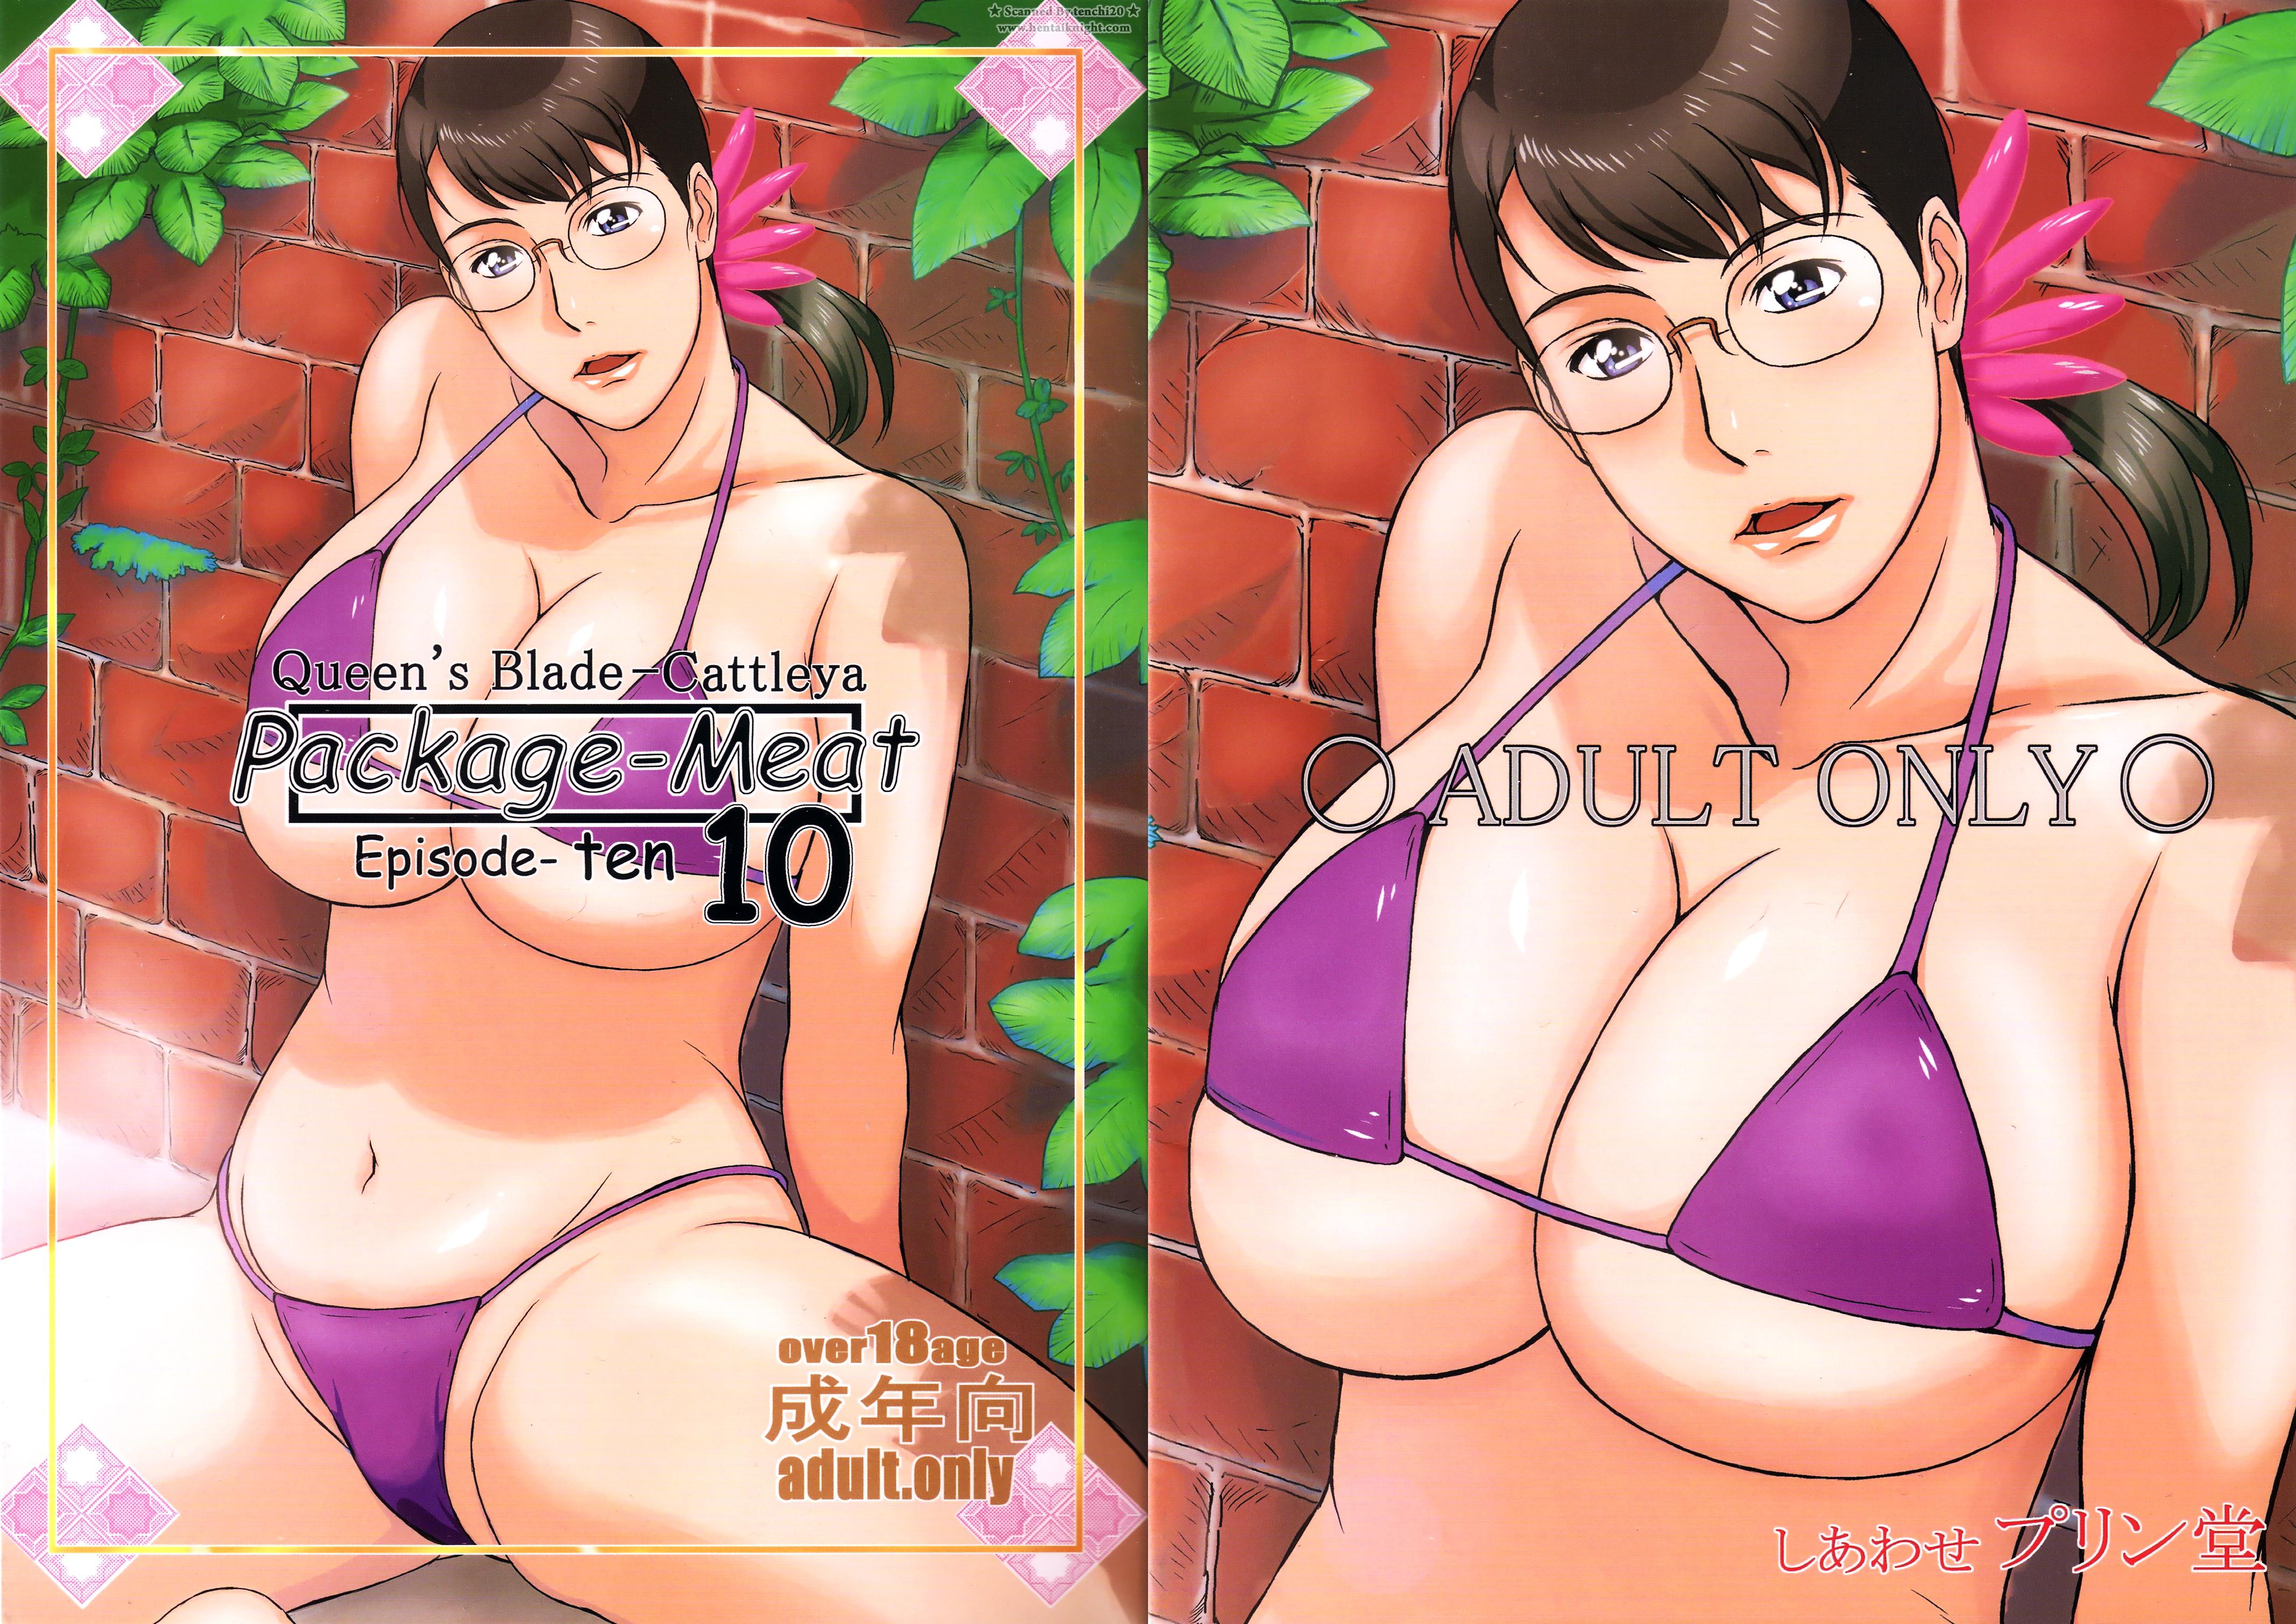 Hensai porn games nude scenes